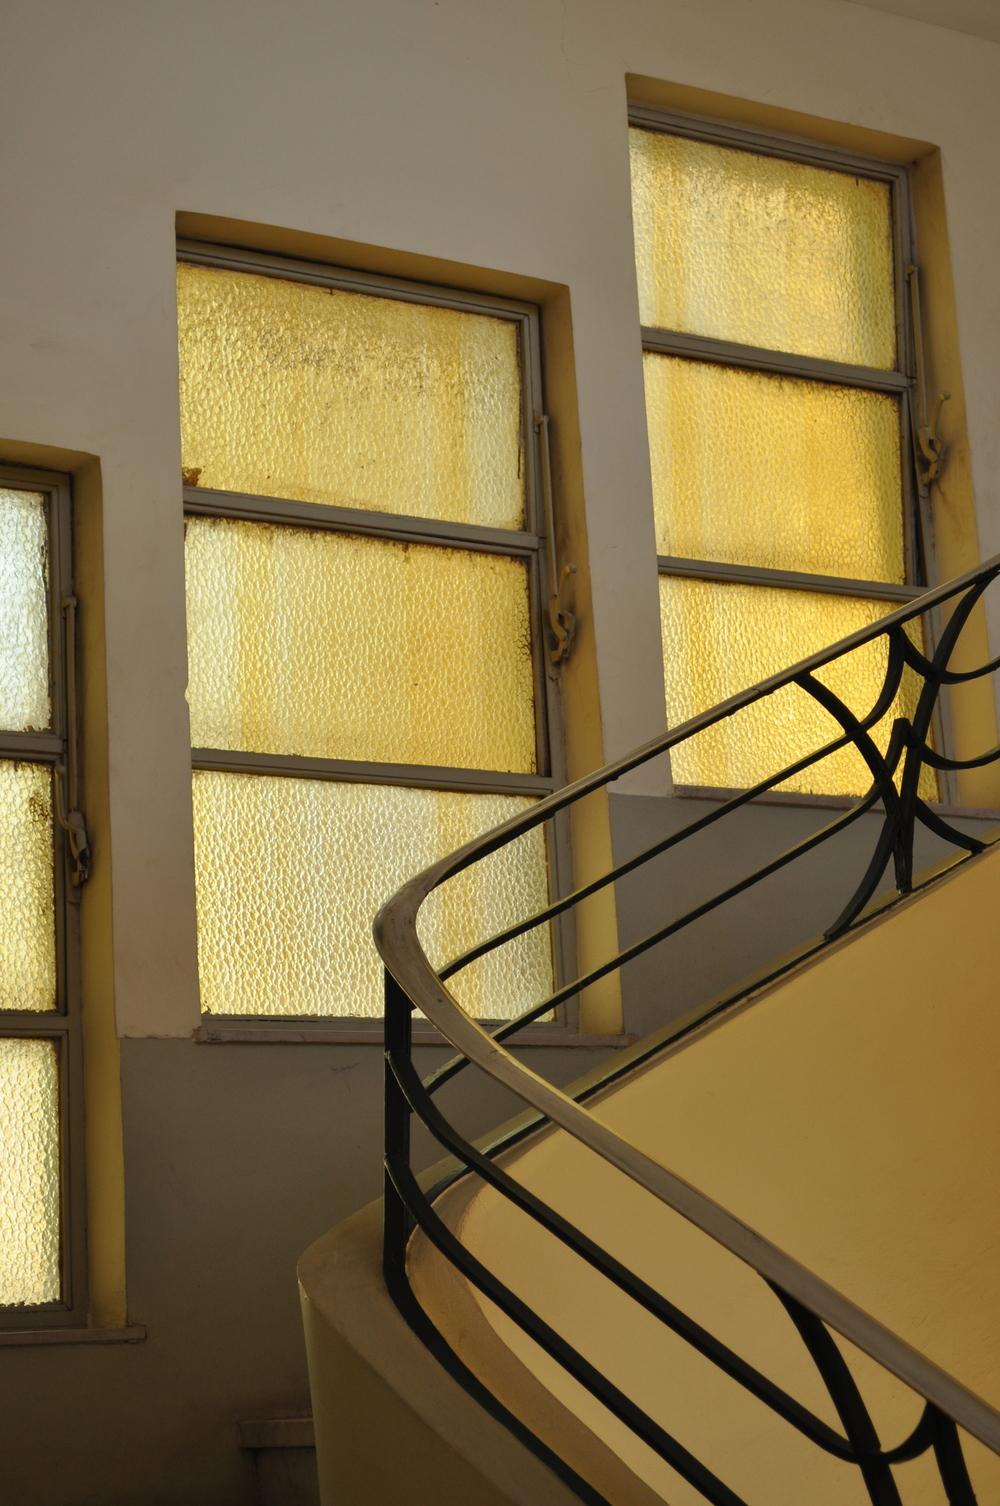 Stairwell, Cairo 2013